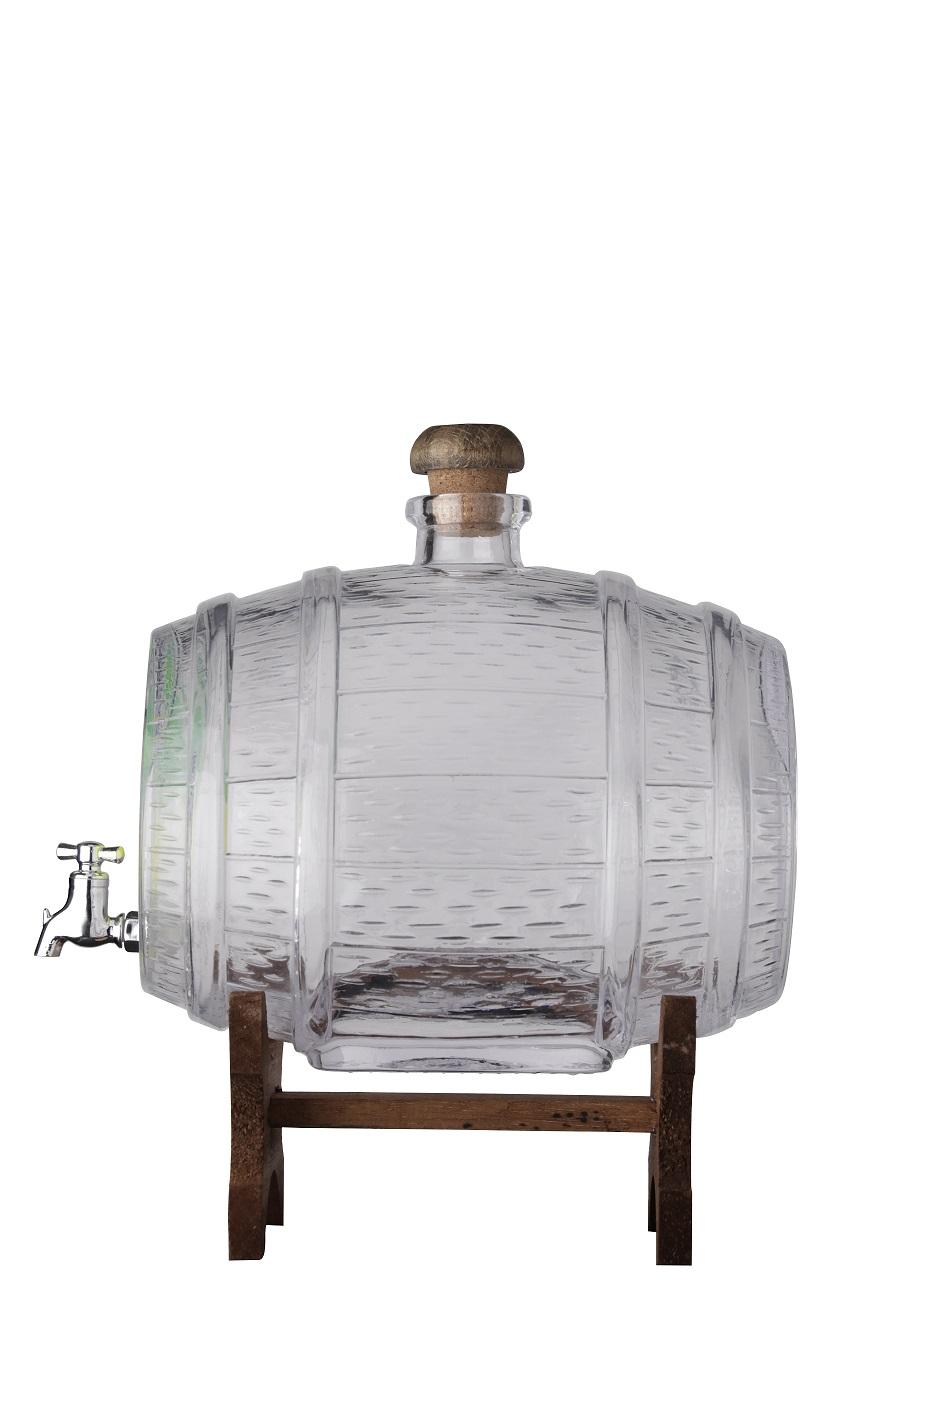 【残り1点!】リモンチェッロ 樽サーバー 2000ml